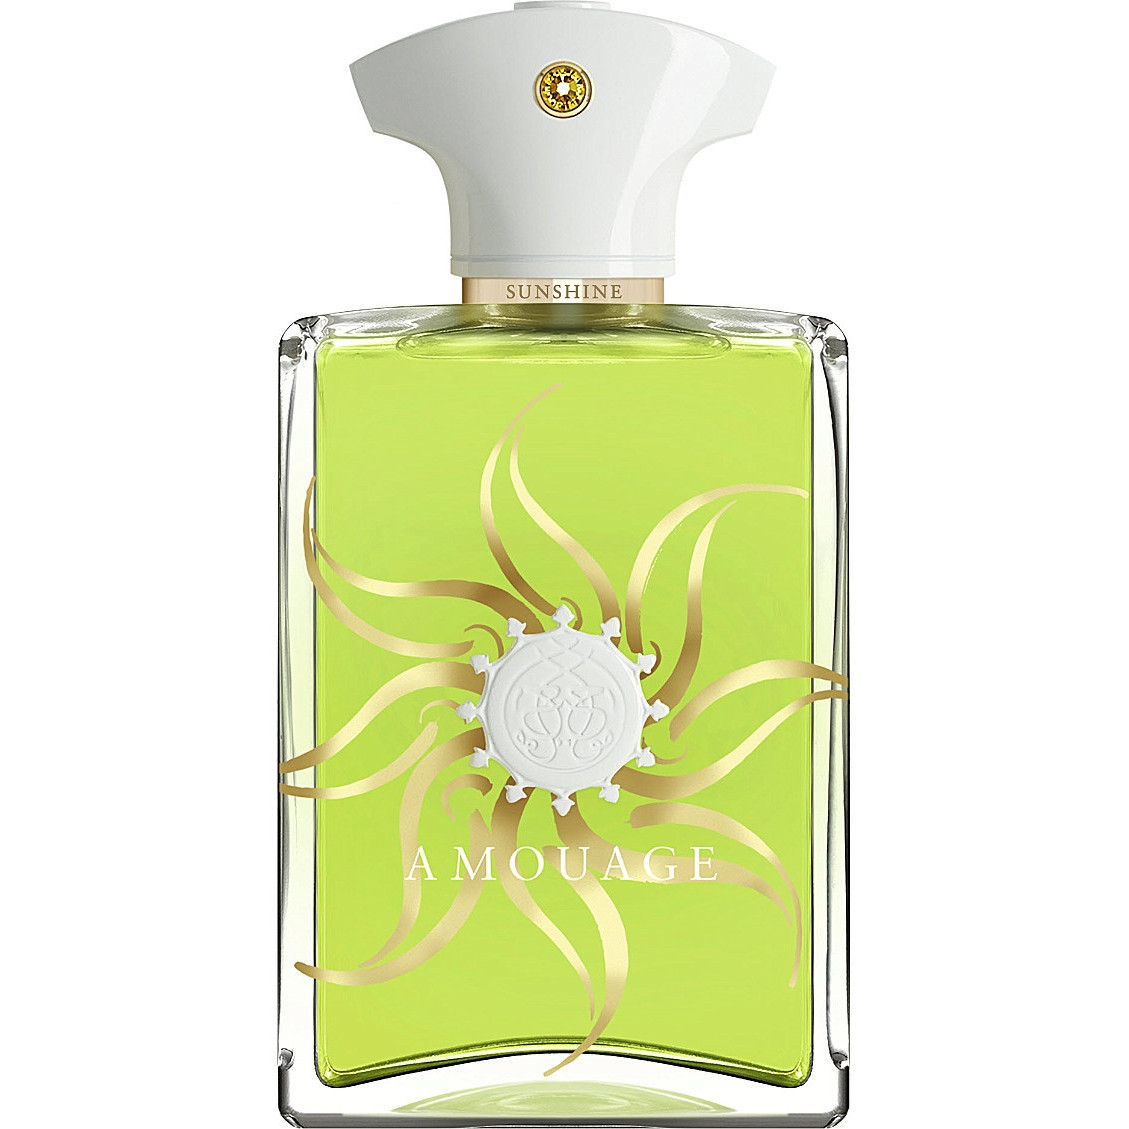 саншайн парфюм отзывы